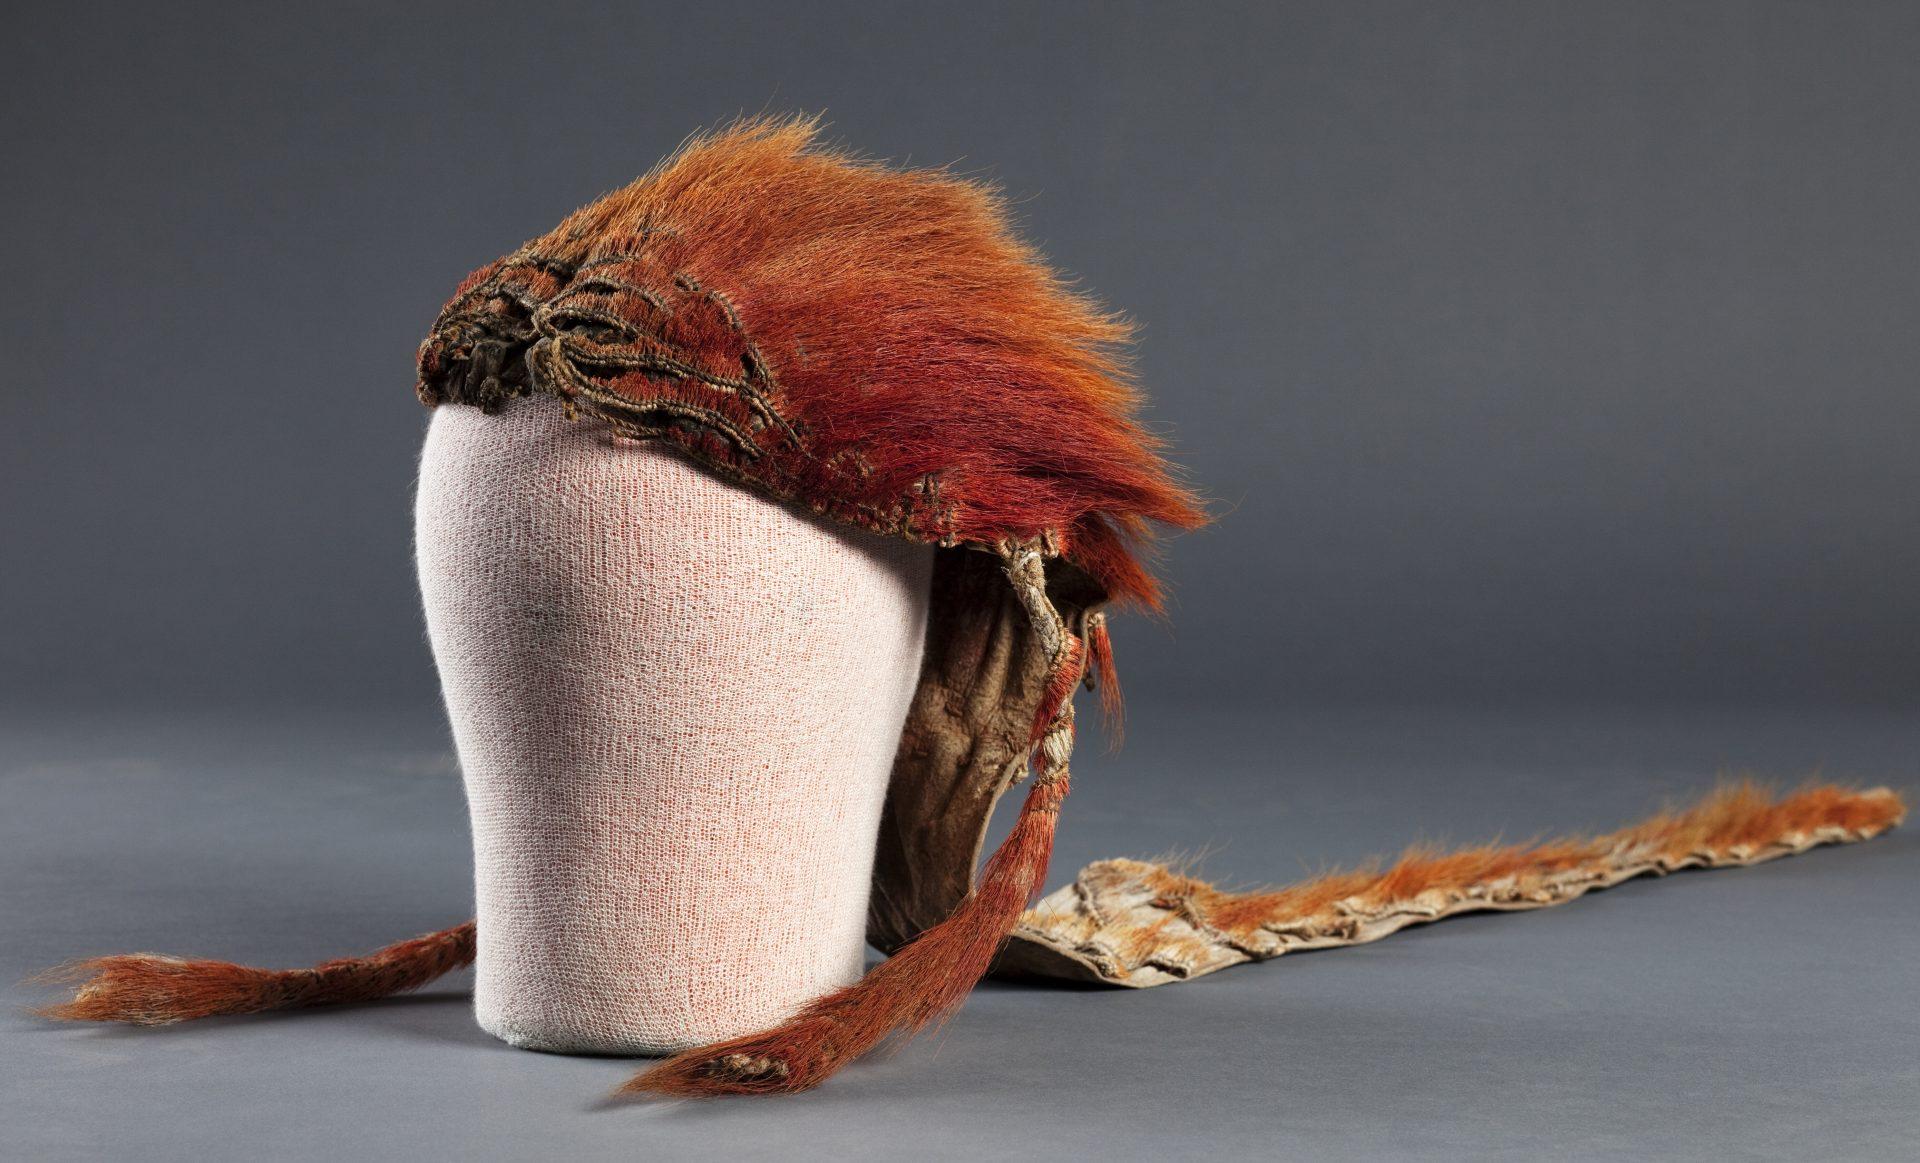 En huvudbonad av röd päls.